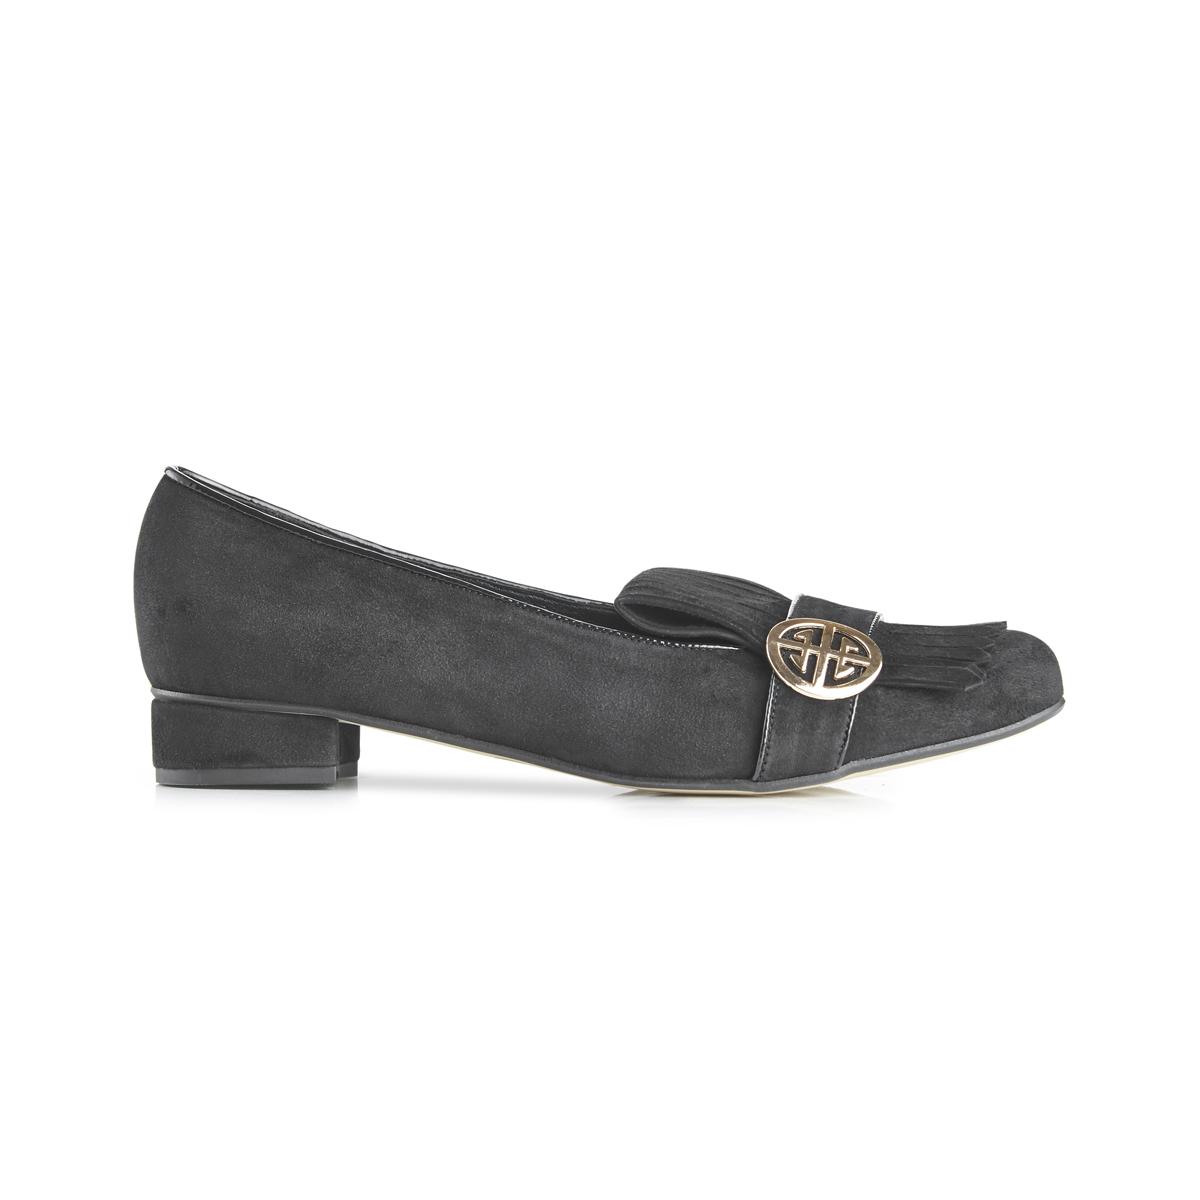 Ellen suede fringed loafers